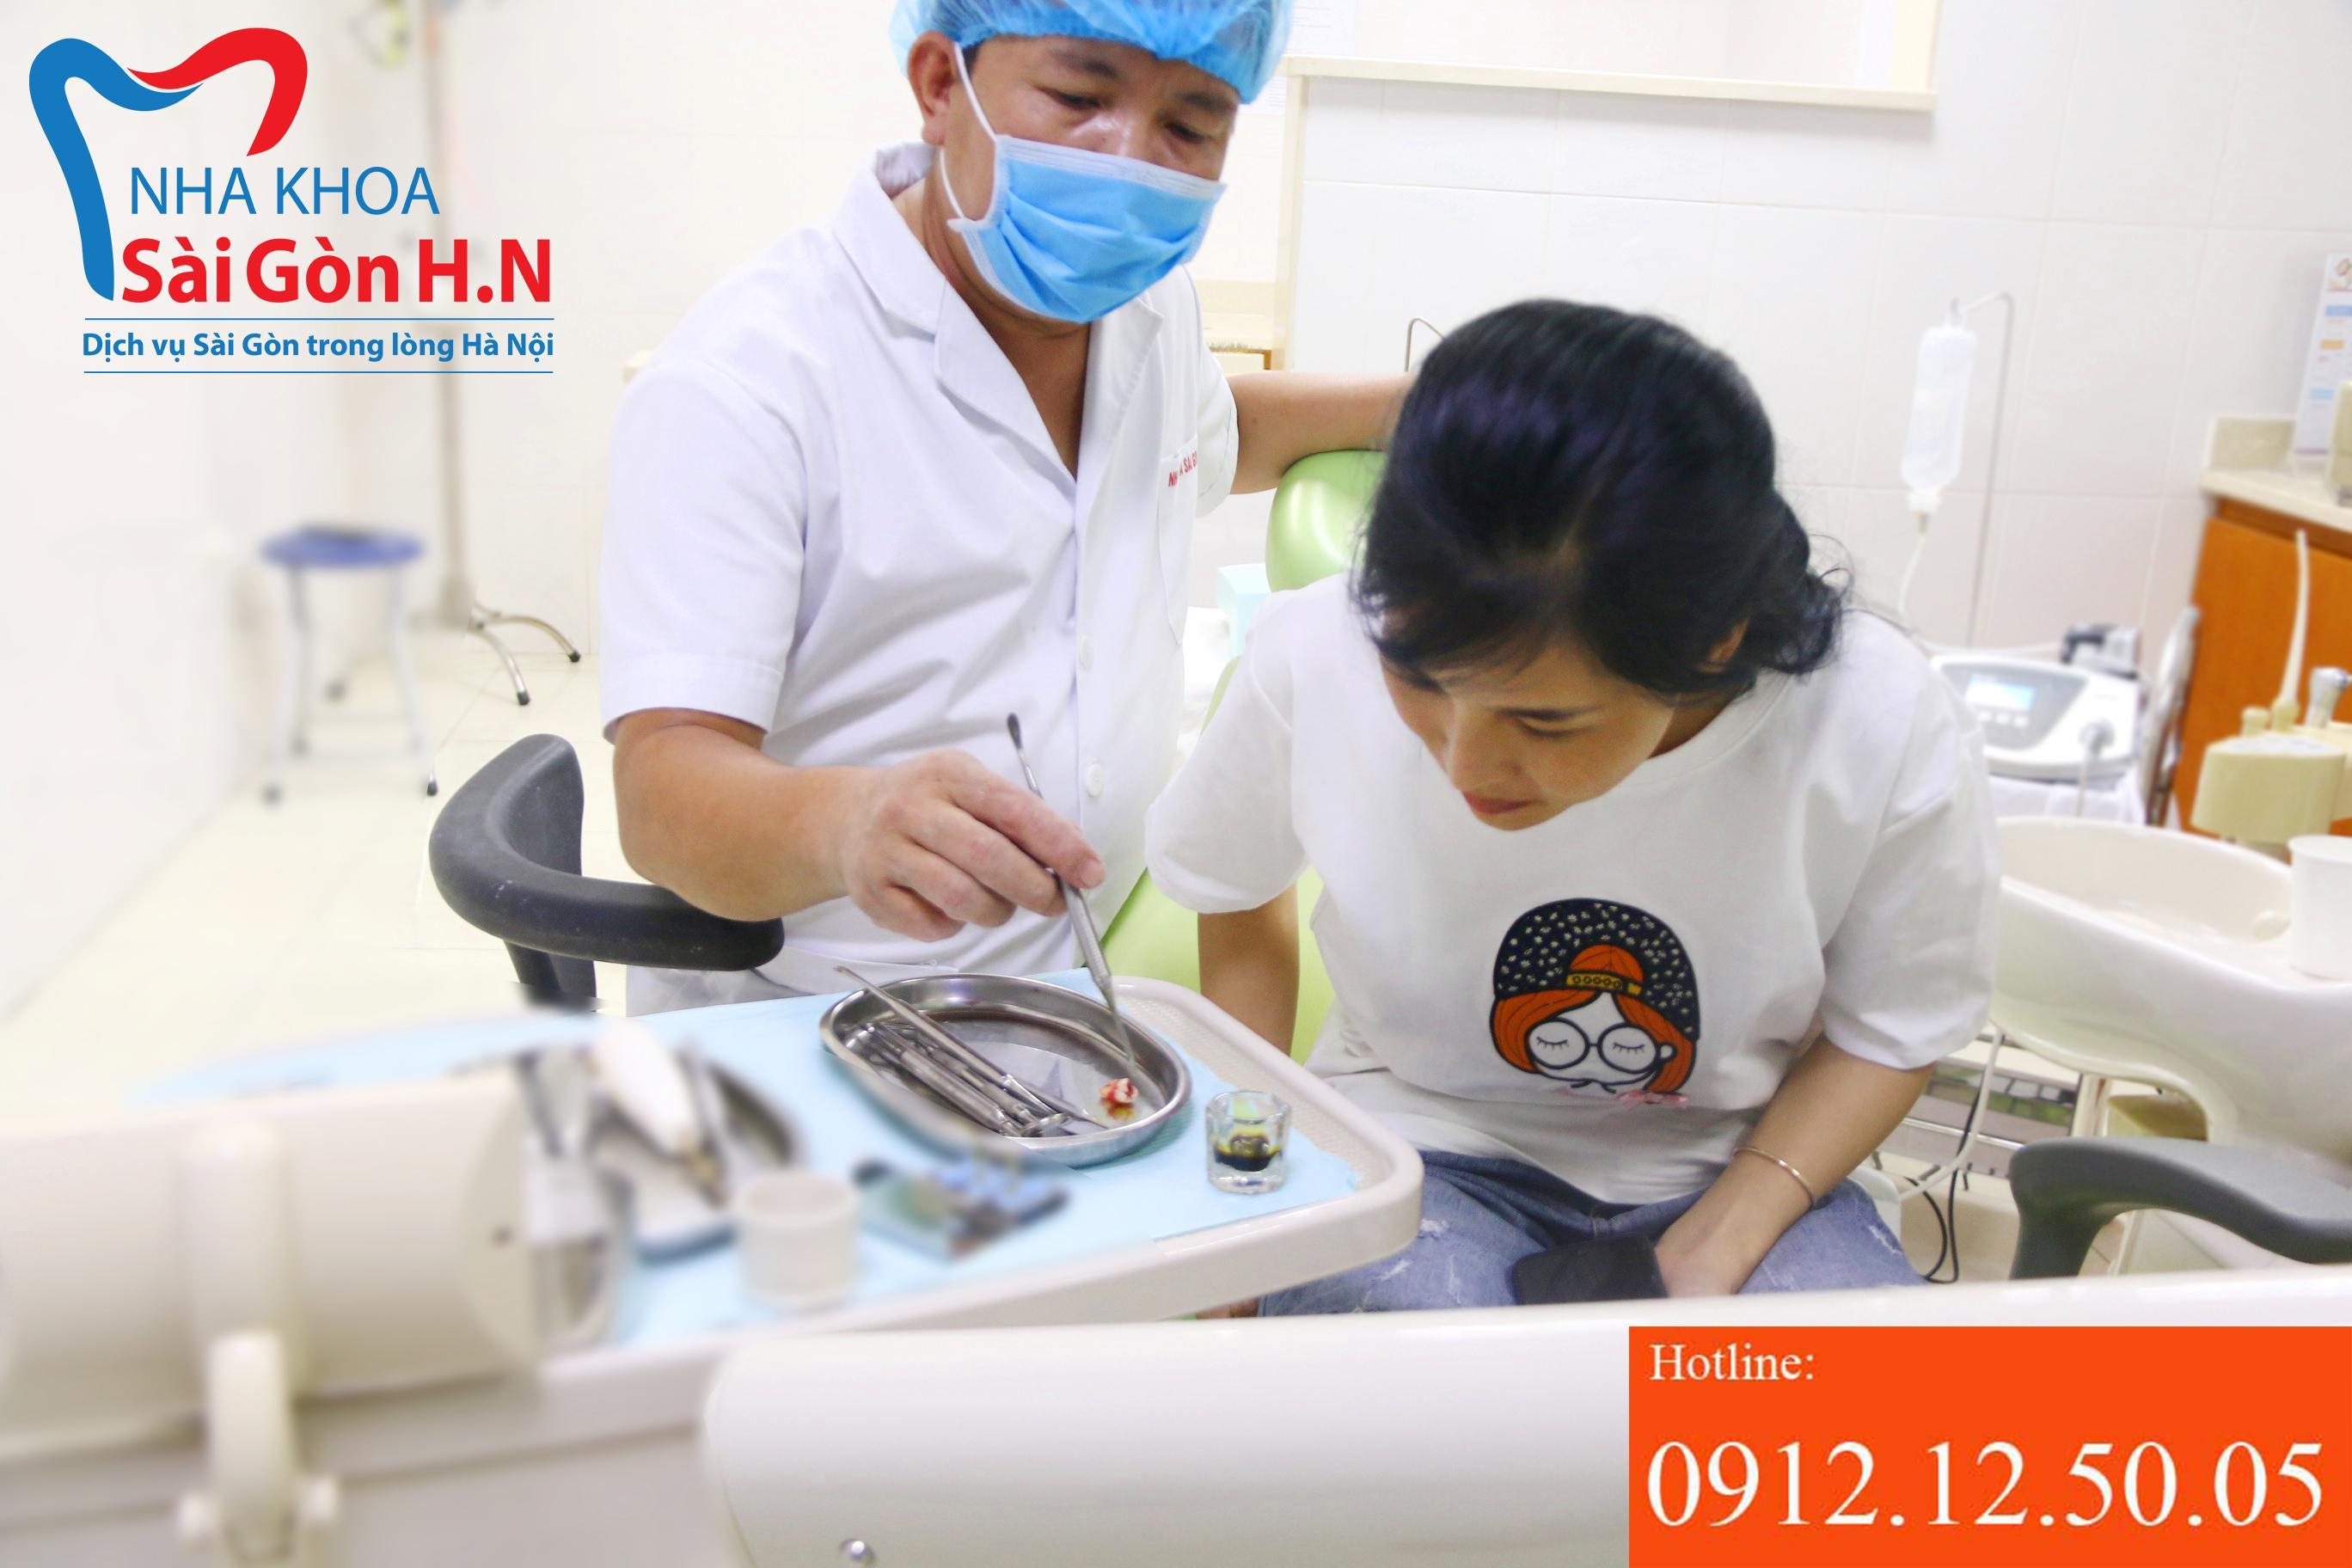 Răng khôn bị viêm có được nhổ không?